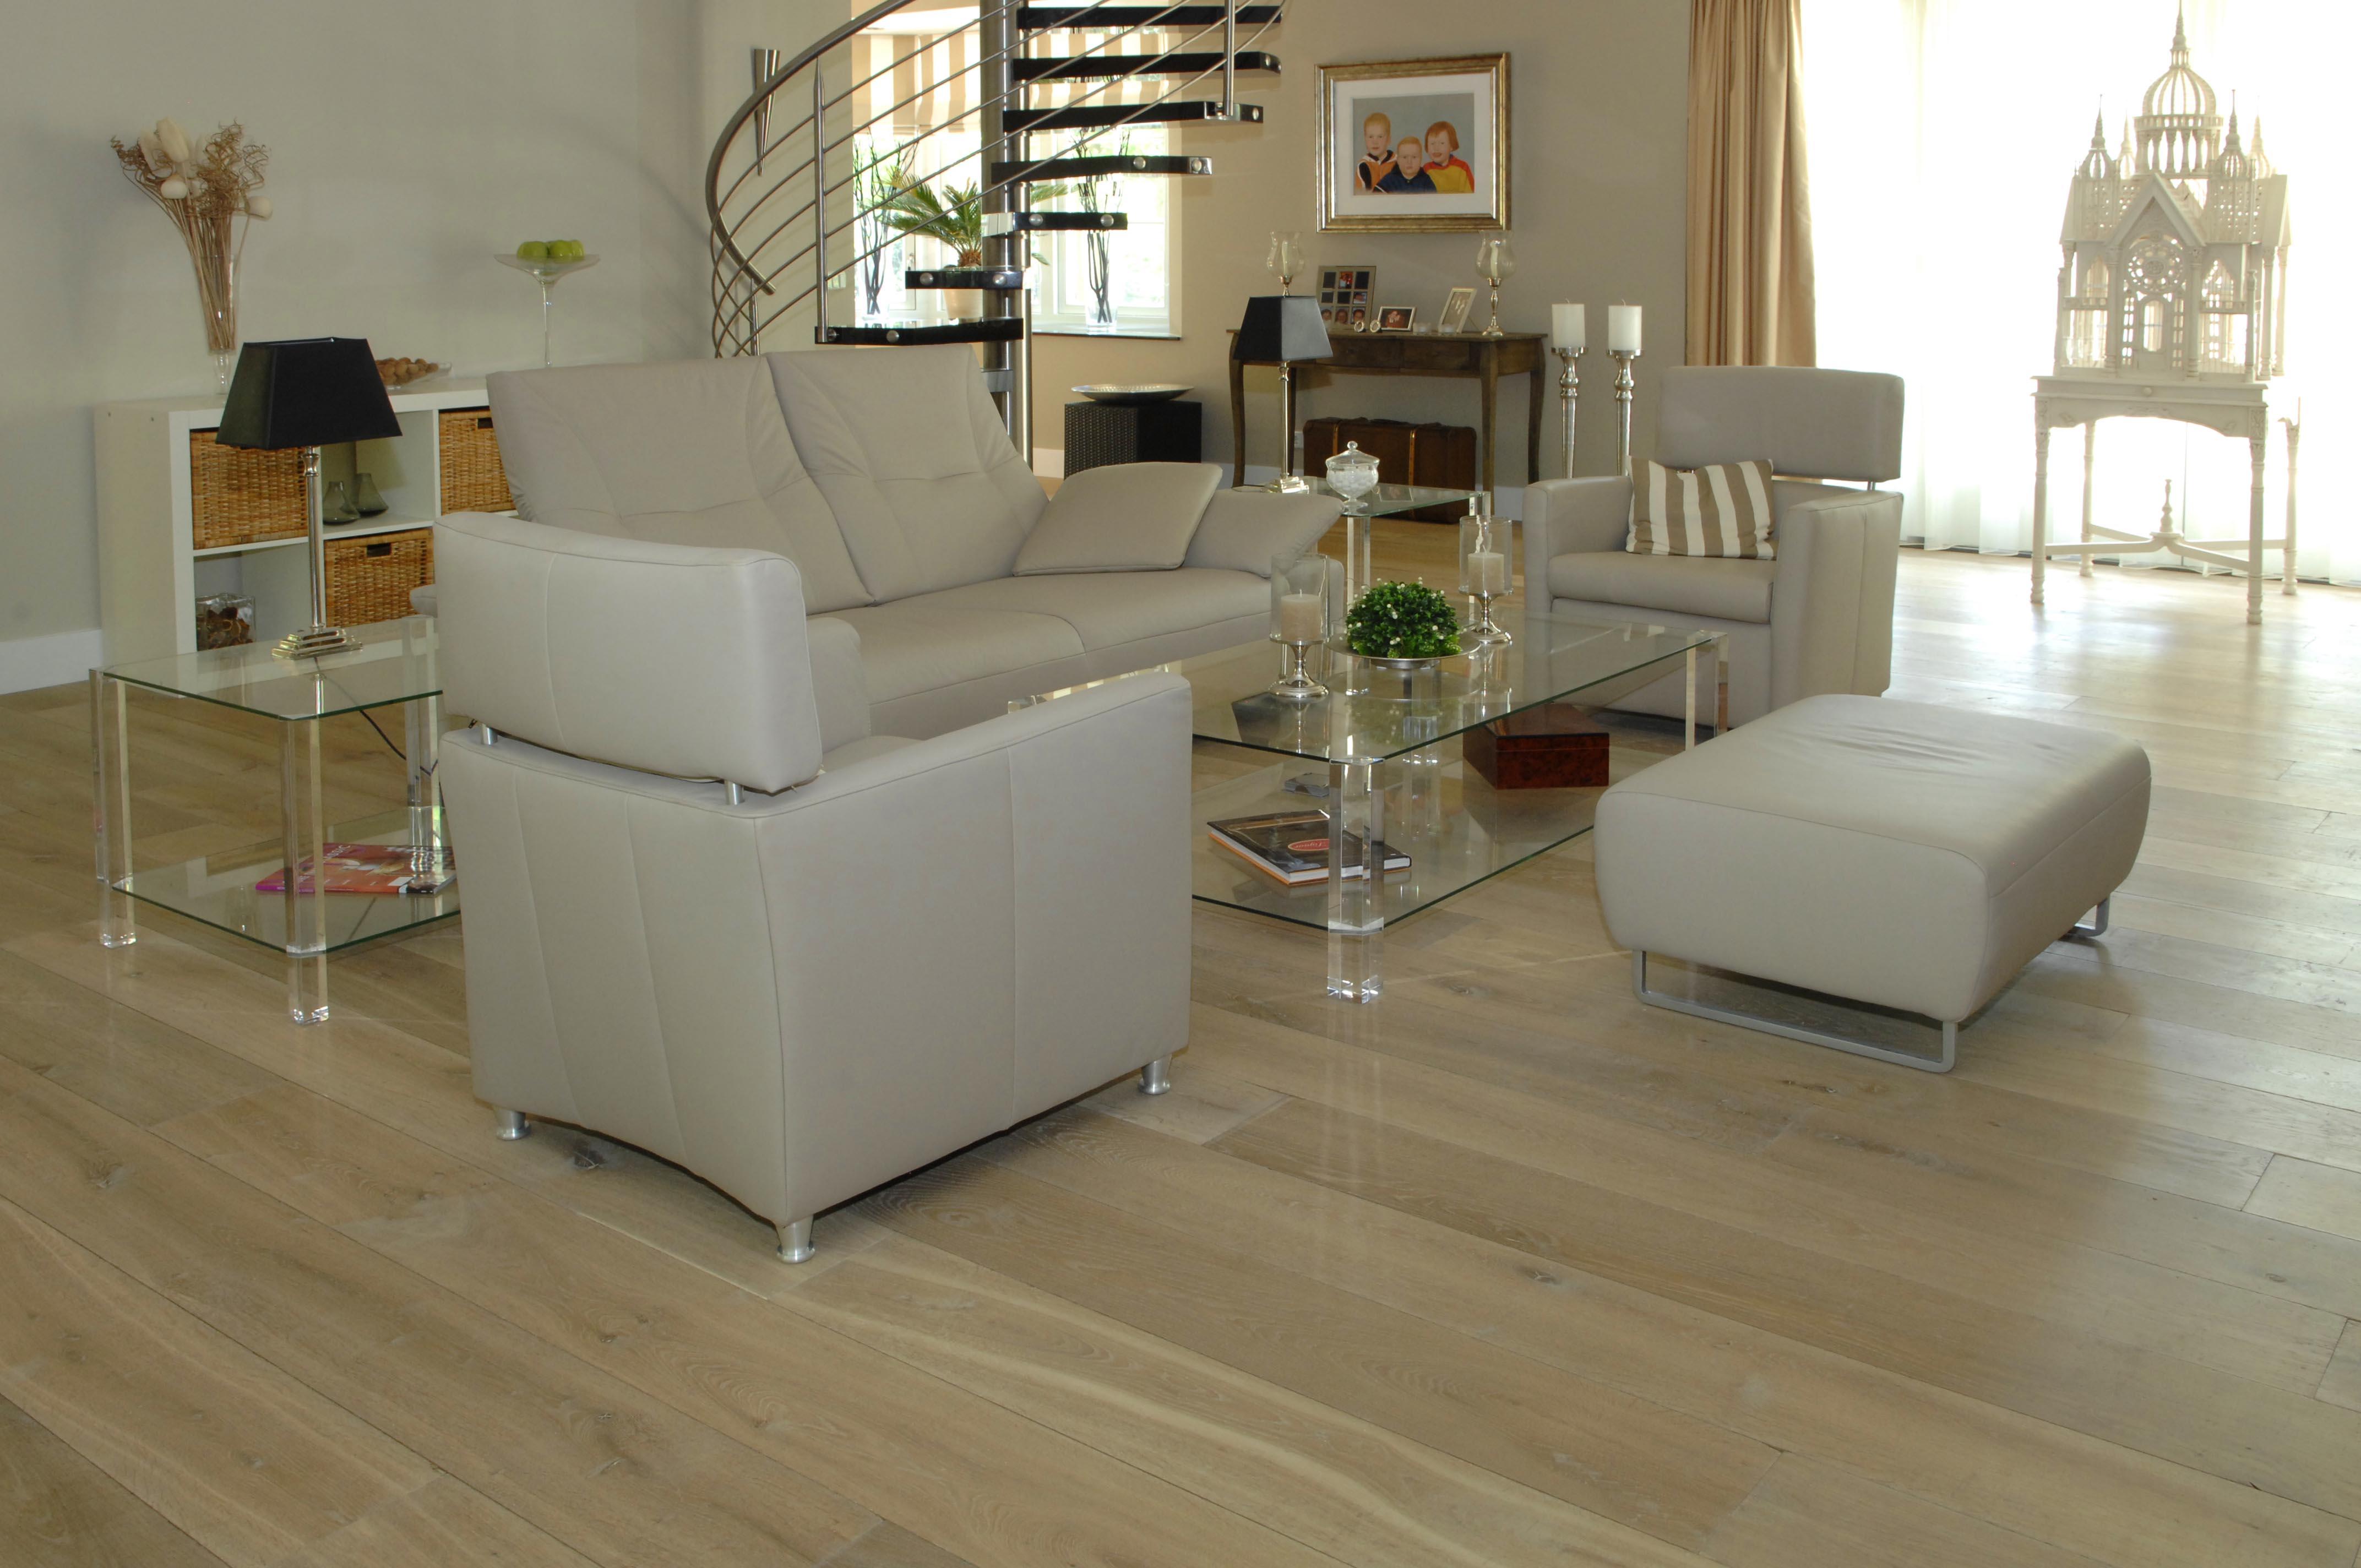 Eikenhouten Vloer Leggen : Houten vloer leggen fred s meubel flooring fred s meubel flooring